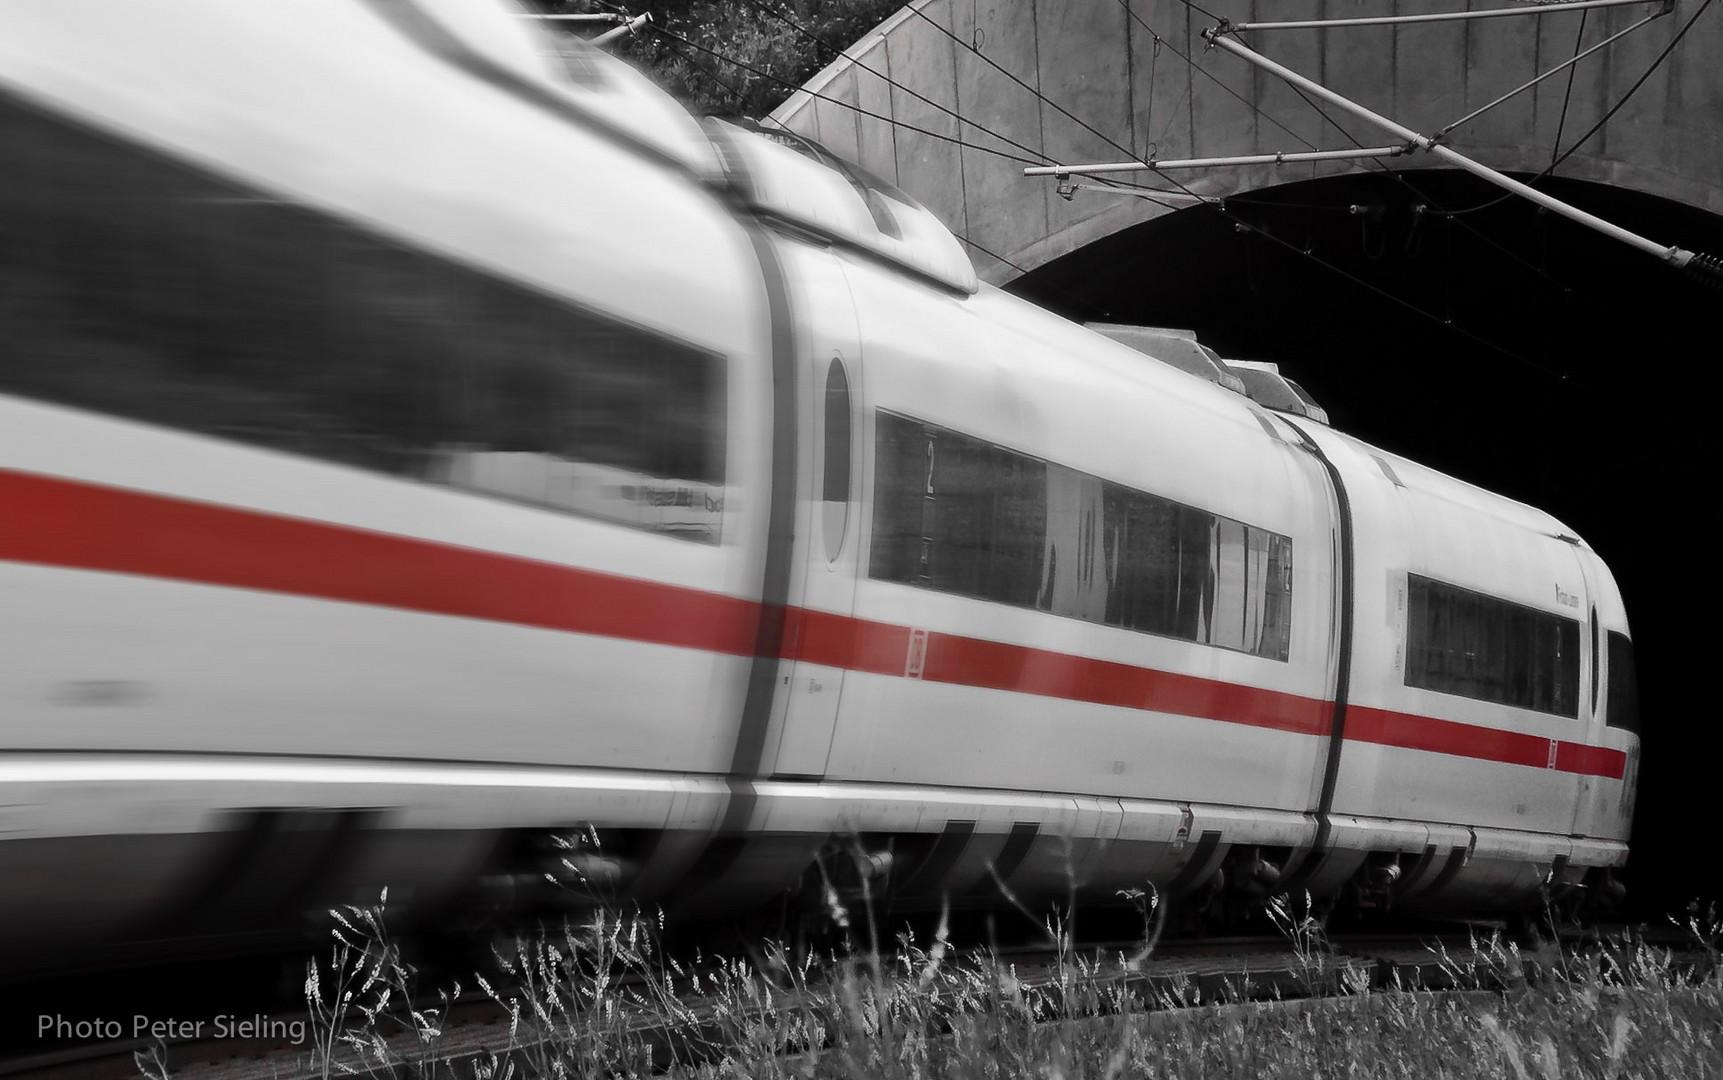 ICE auf dem Weg in den Tunnel